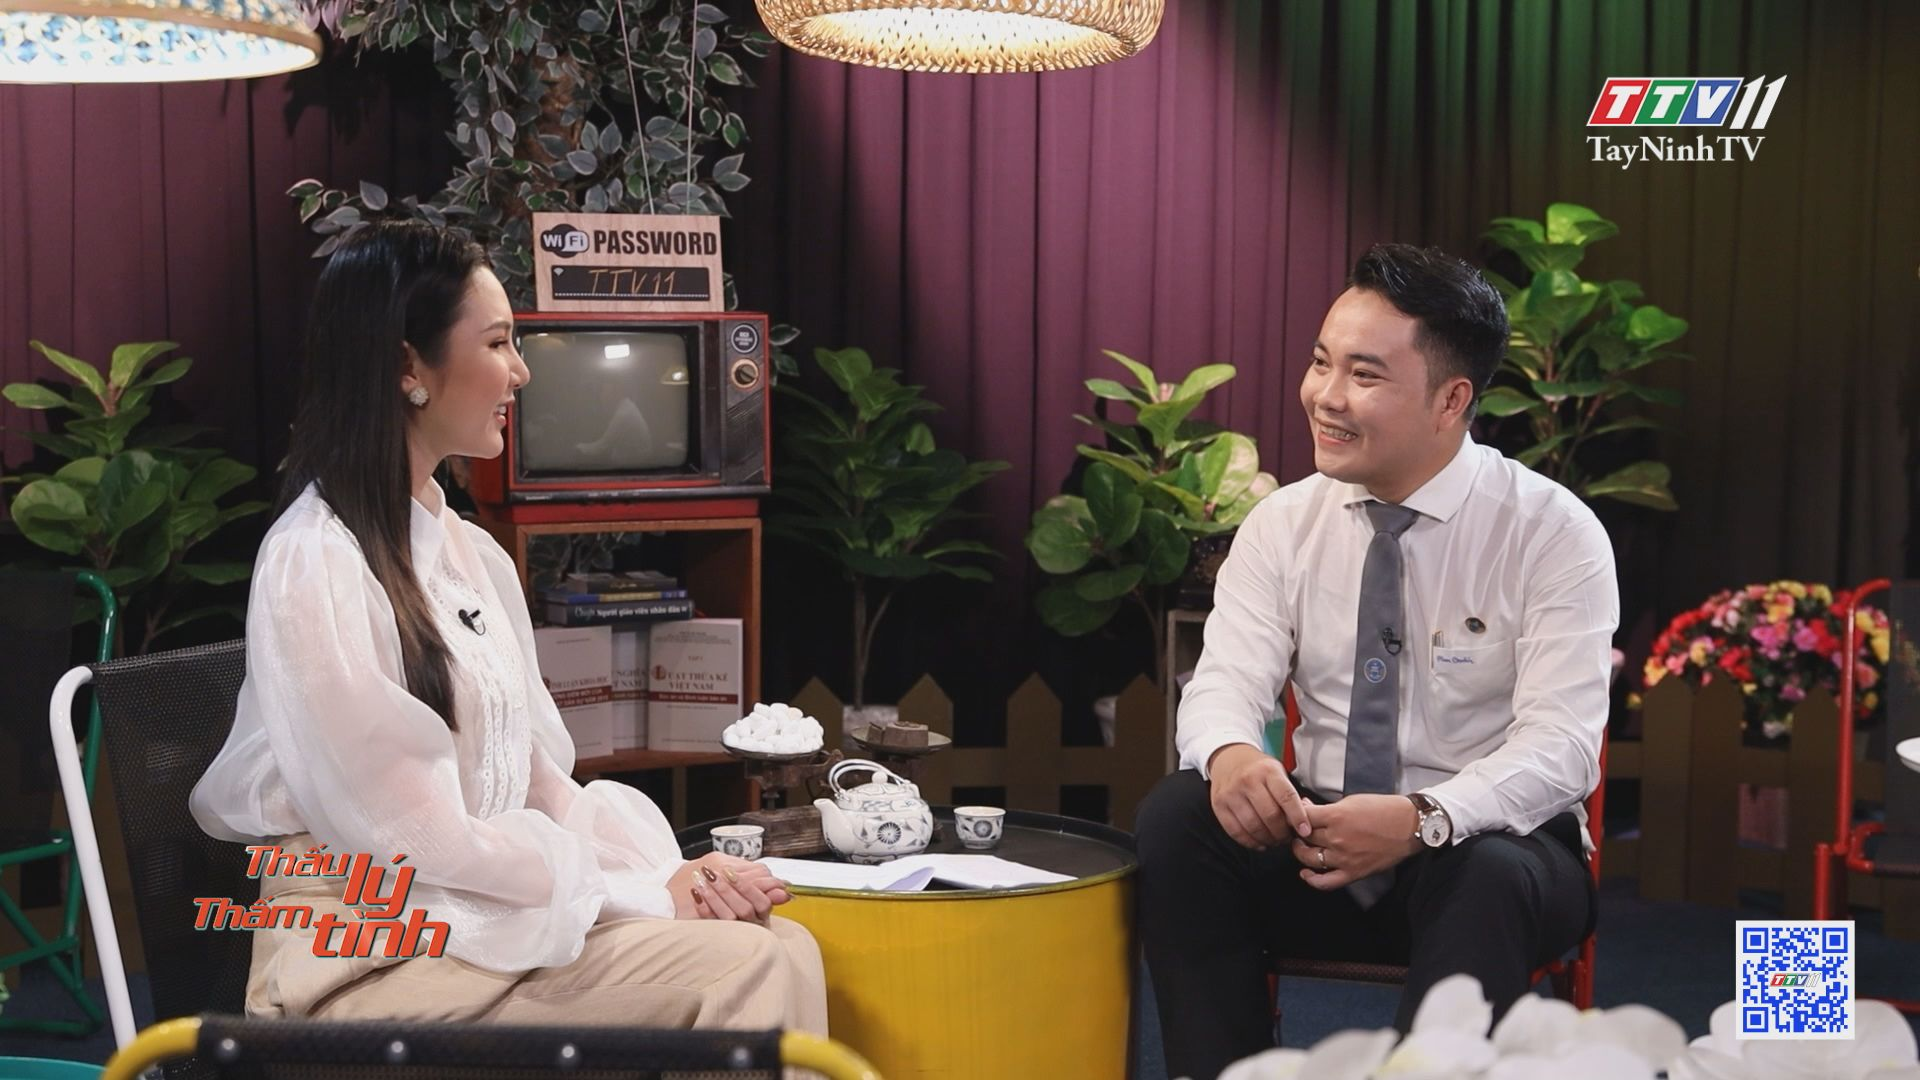 Kết hôn với anh rể có vi phạm pháp luật? | THẤU LÝ THẤM TÌNH | TayNinhTV